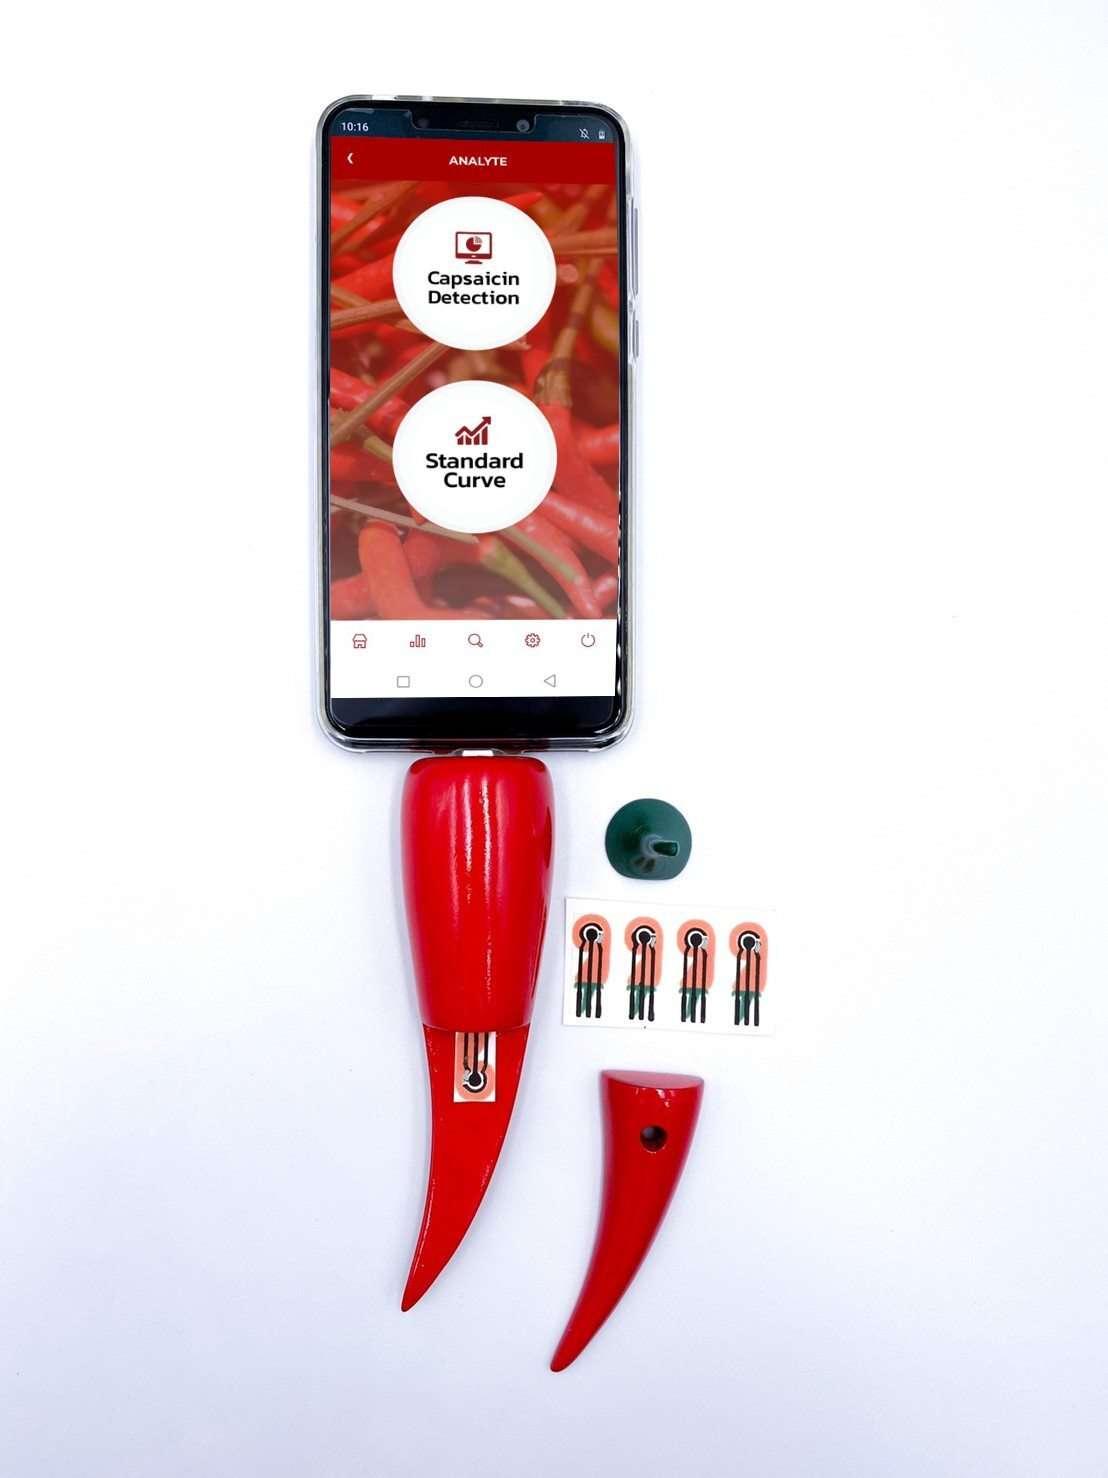 Le dispositif en forme de petit piment se branche au téléphone portable pour analyser la concentration en capsaïcine du piment. © ACS Applied Nano Materials 2020